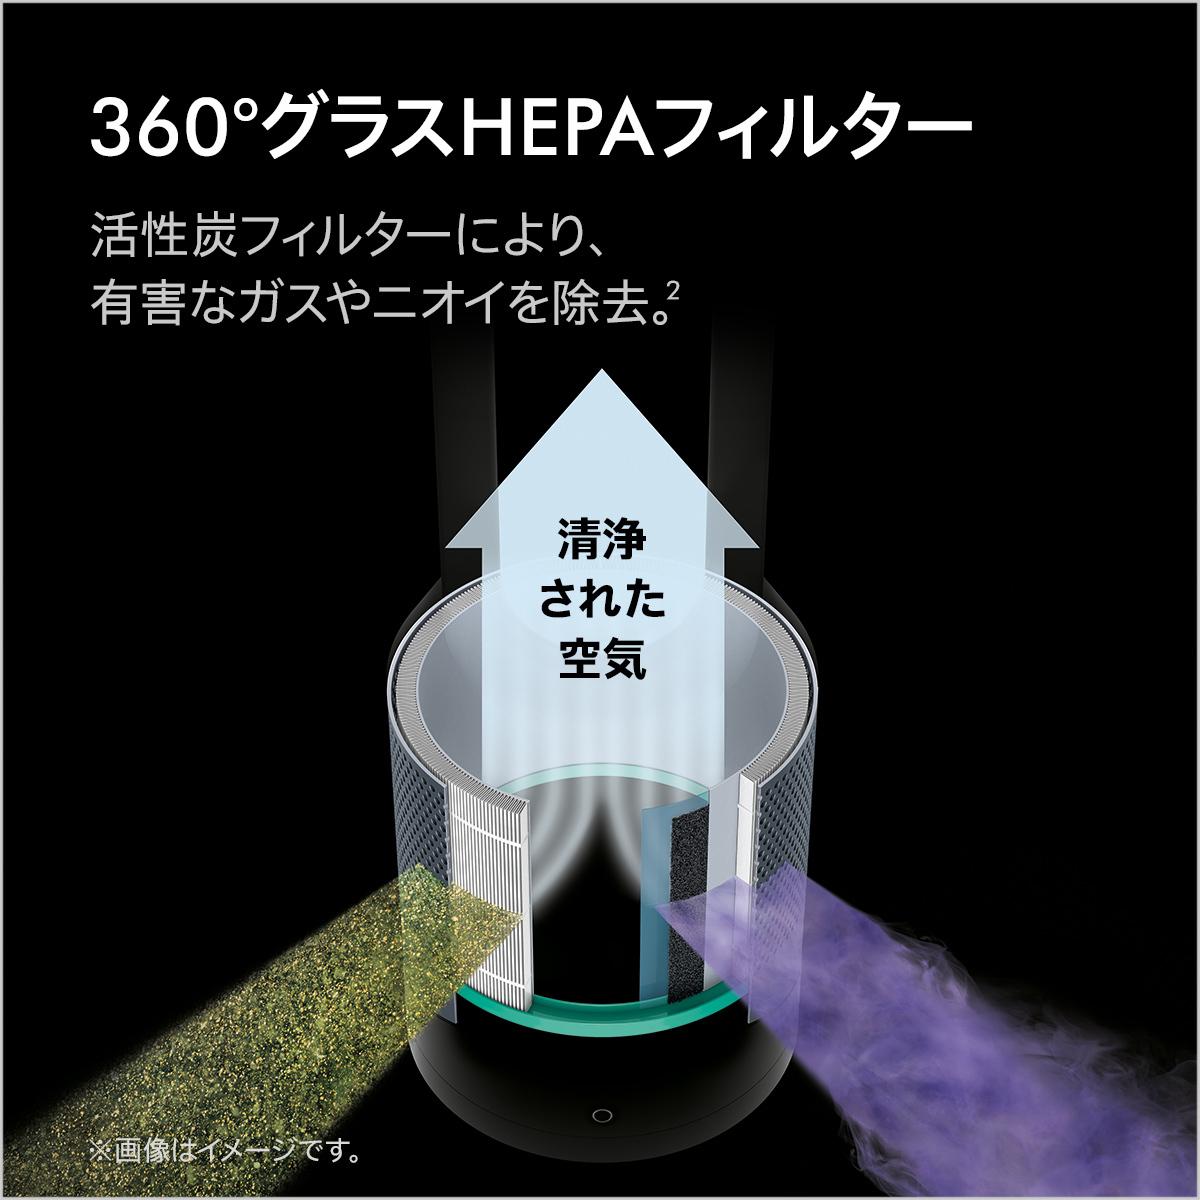 ダイソン Pure Hot+CoolLink HP03 WS(ホワイト/シルバー)の商品画像|3